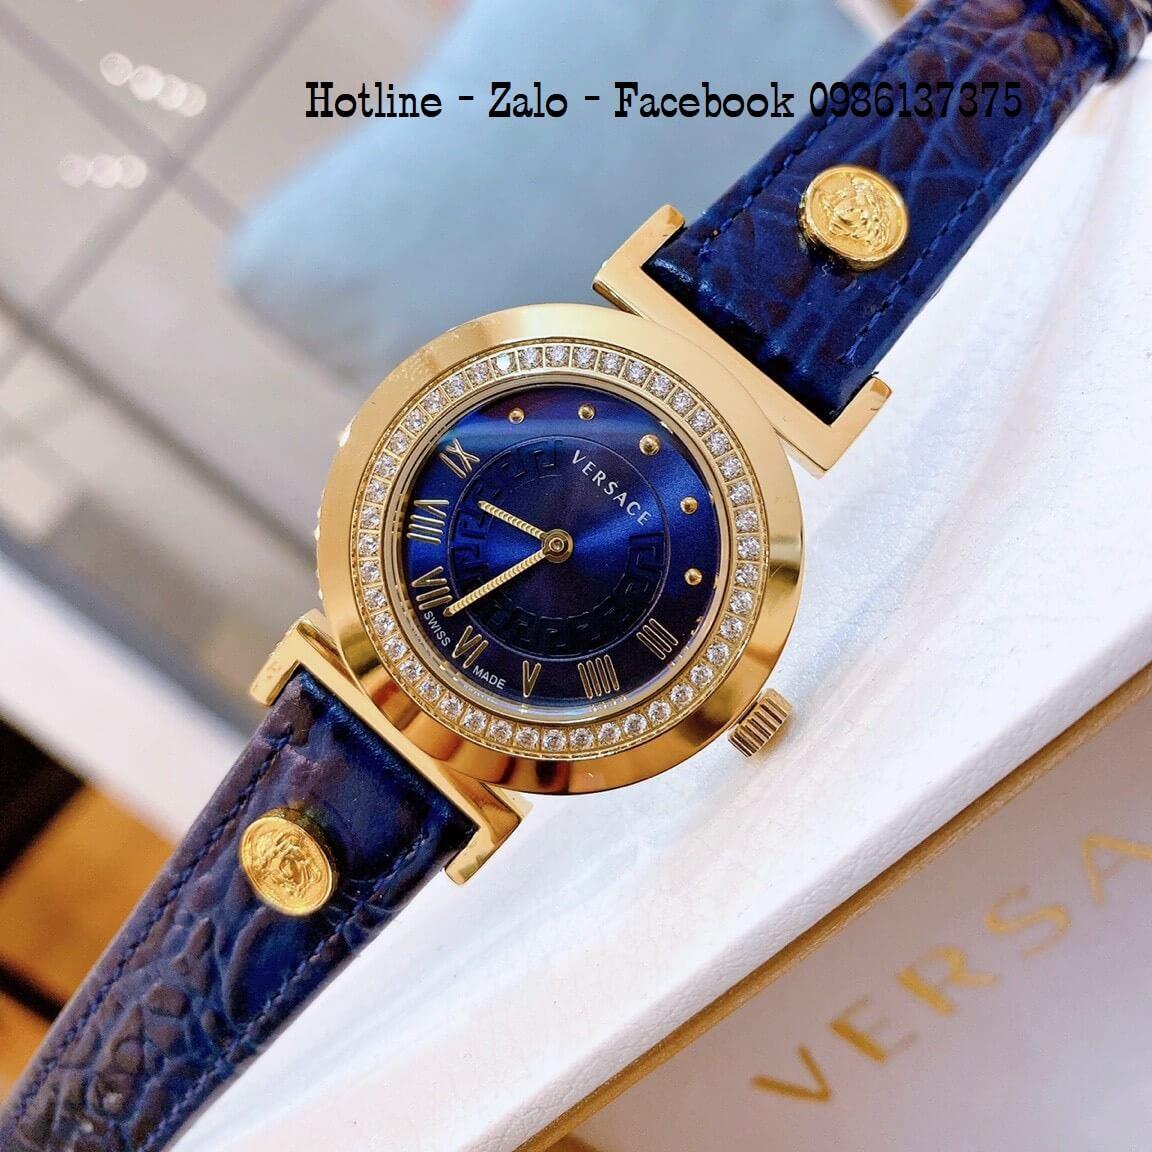 Đồng Hồ Nữ Versace Vanity Dây Da Xanh Blue Đính Đá 35mm